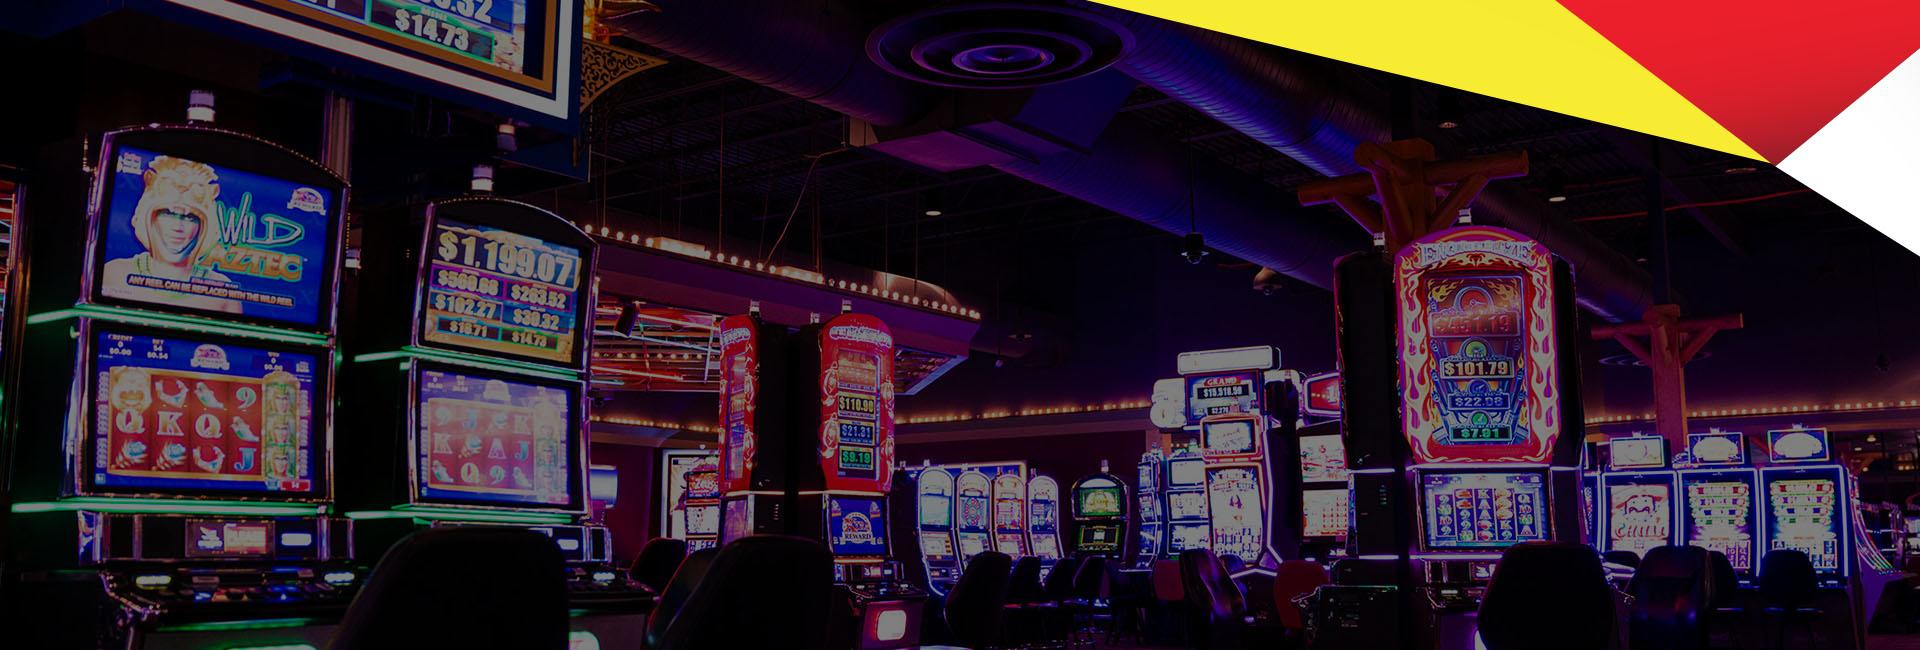 Где можно поиграть в игровые автоматы в саратове